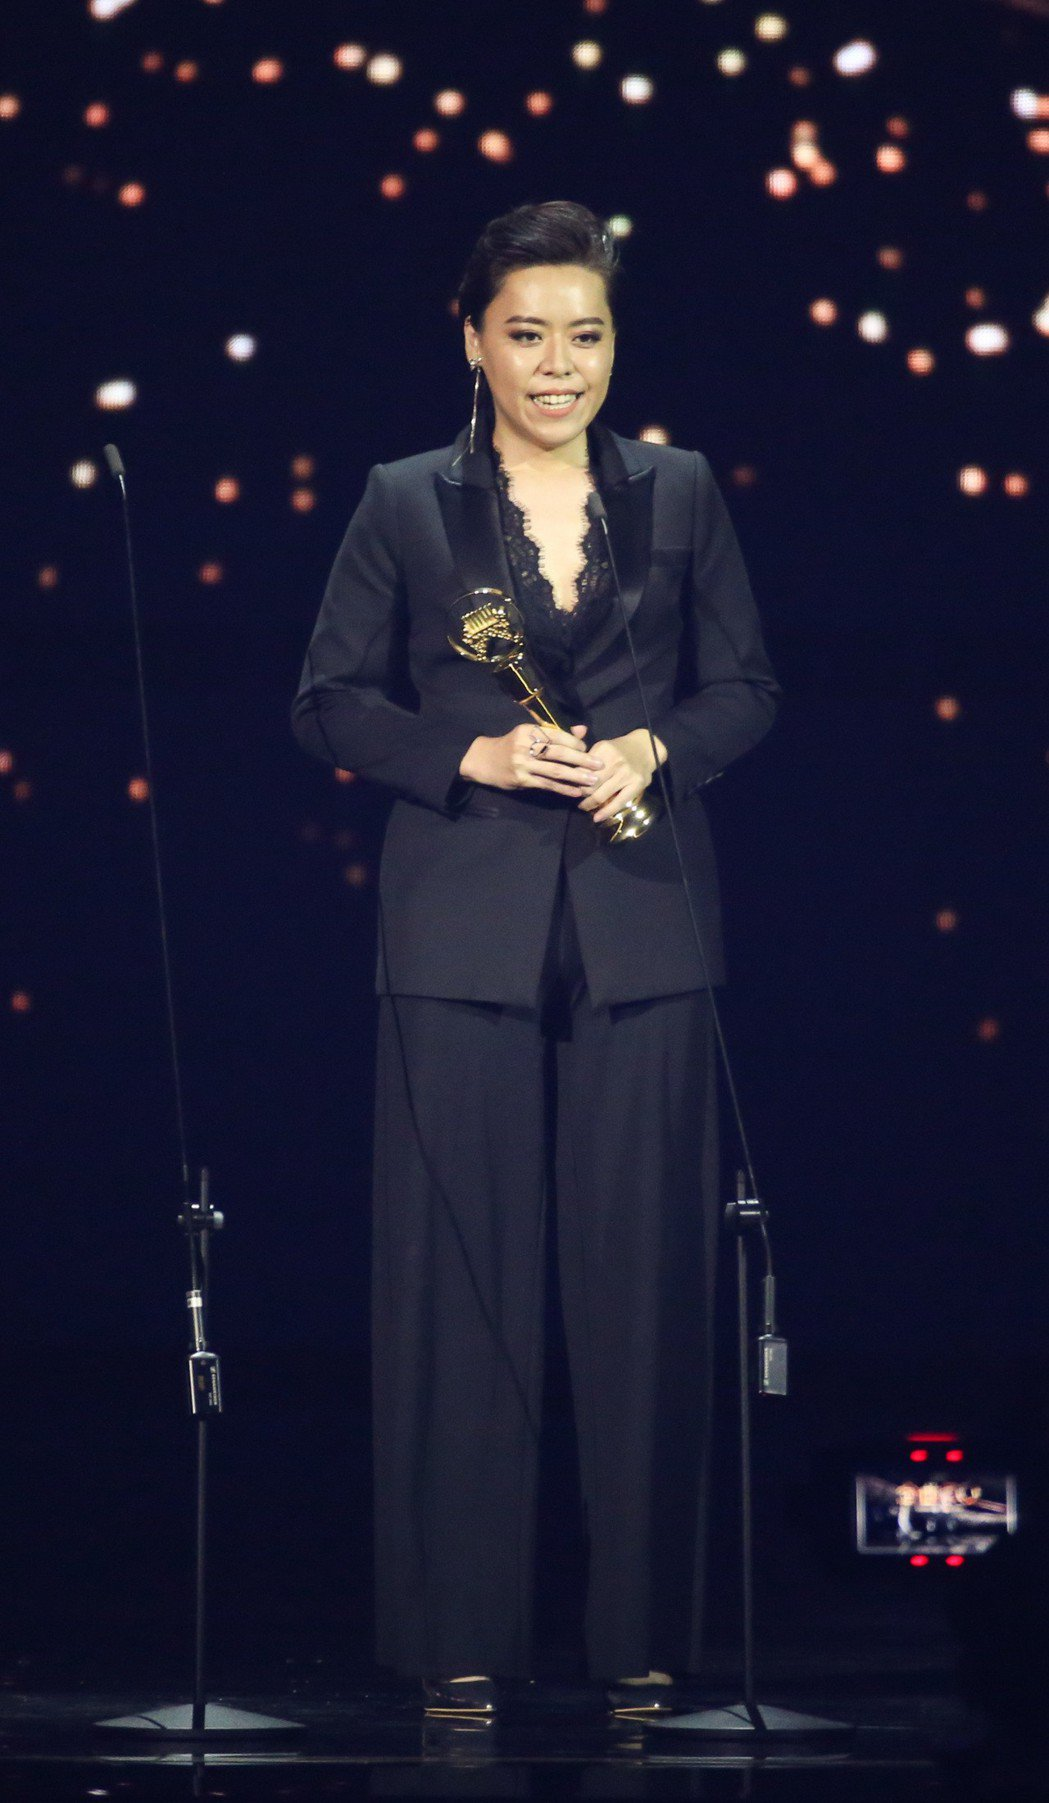 金曲最佳台語女歌手獎由江惠儀獲得。記者林伯東/攝影